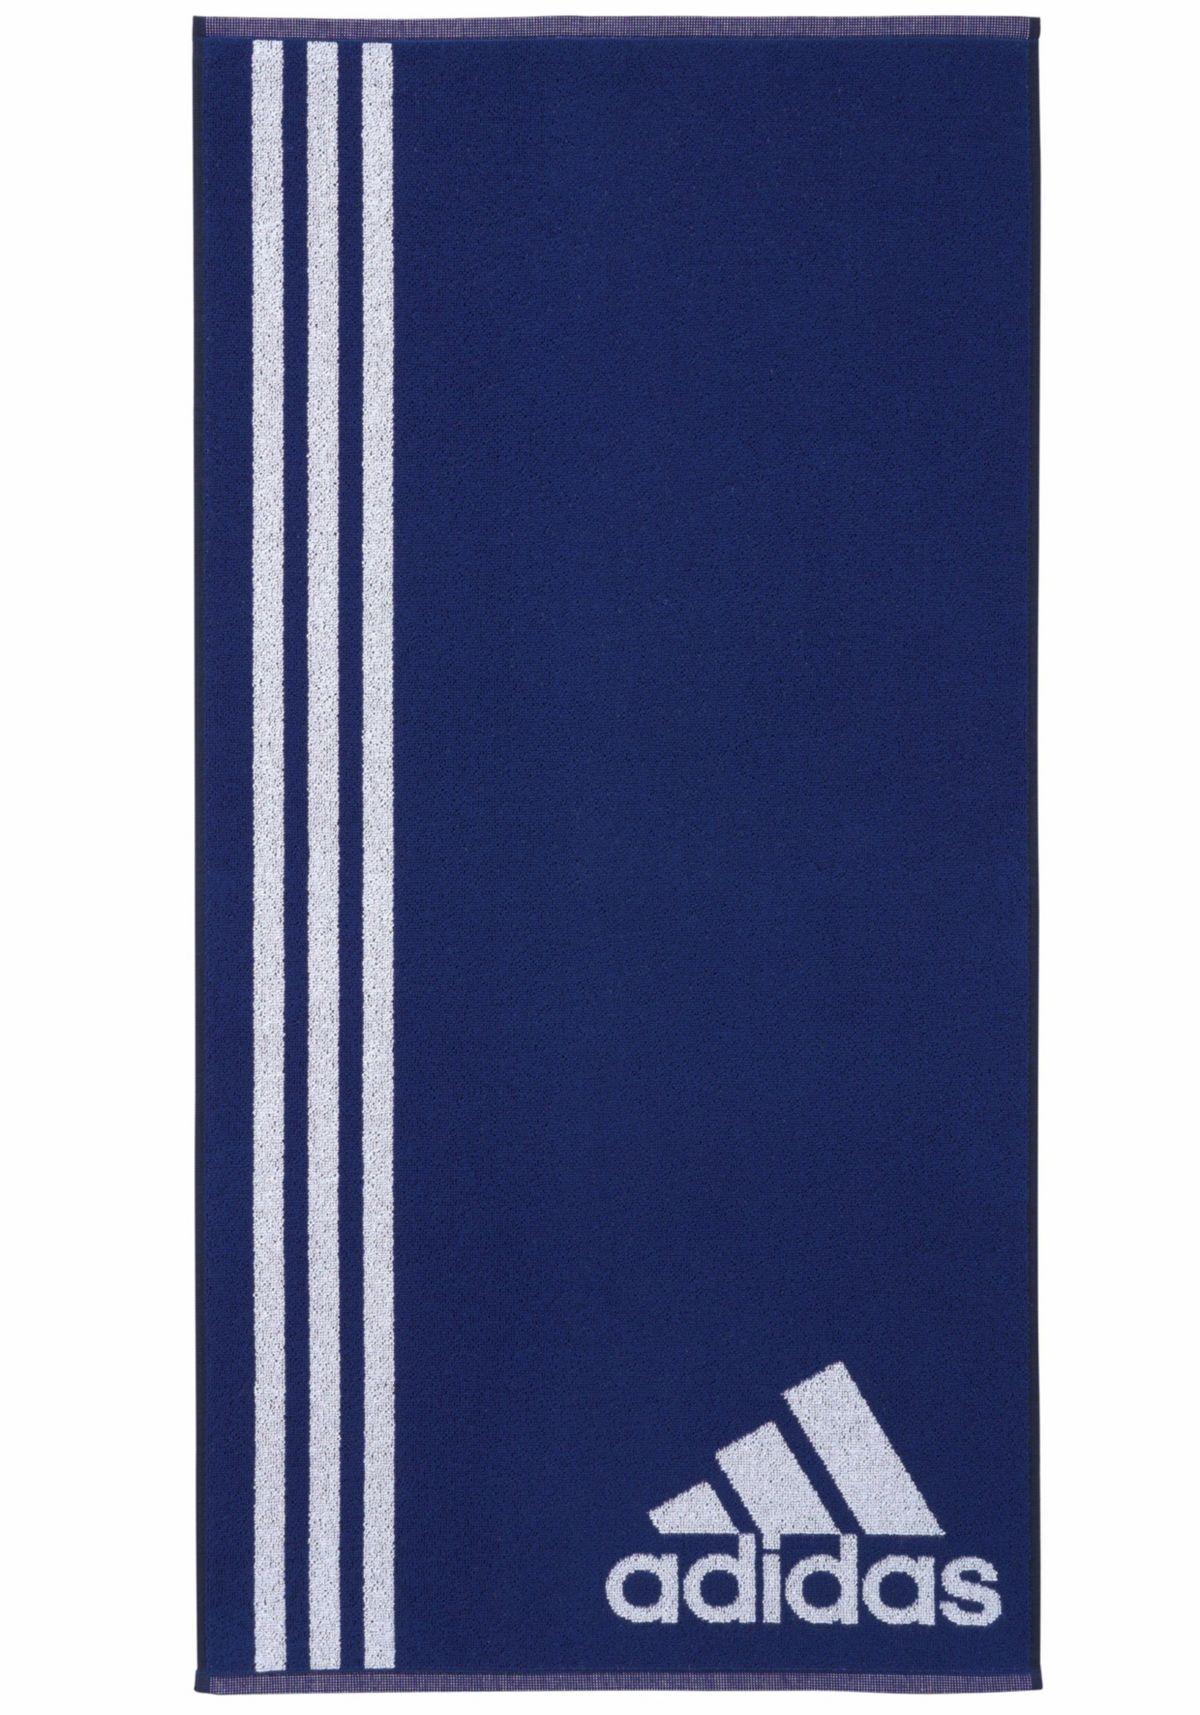 Handtuch adidas Performance mit drei großen Streifen